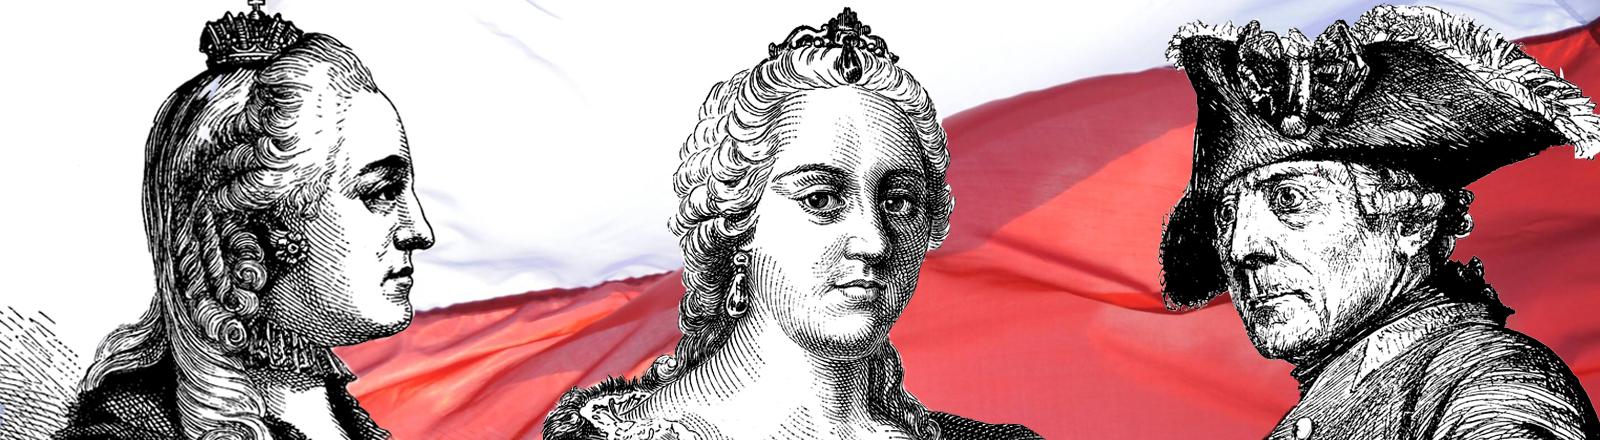 Katharina die Große, Maria Theresia von Österreich, Friedrich II., polnische Flagge